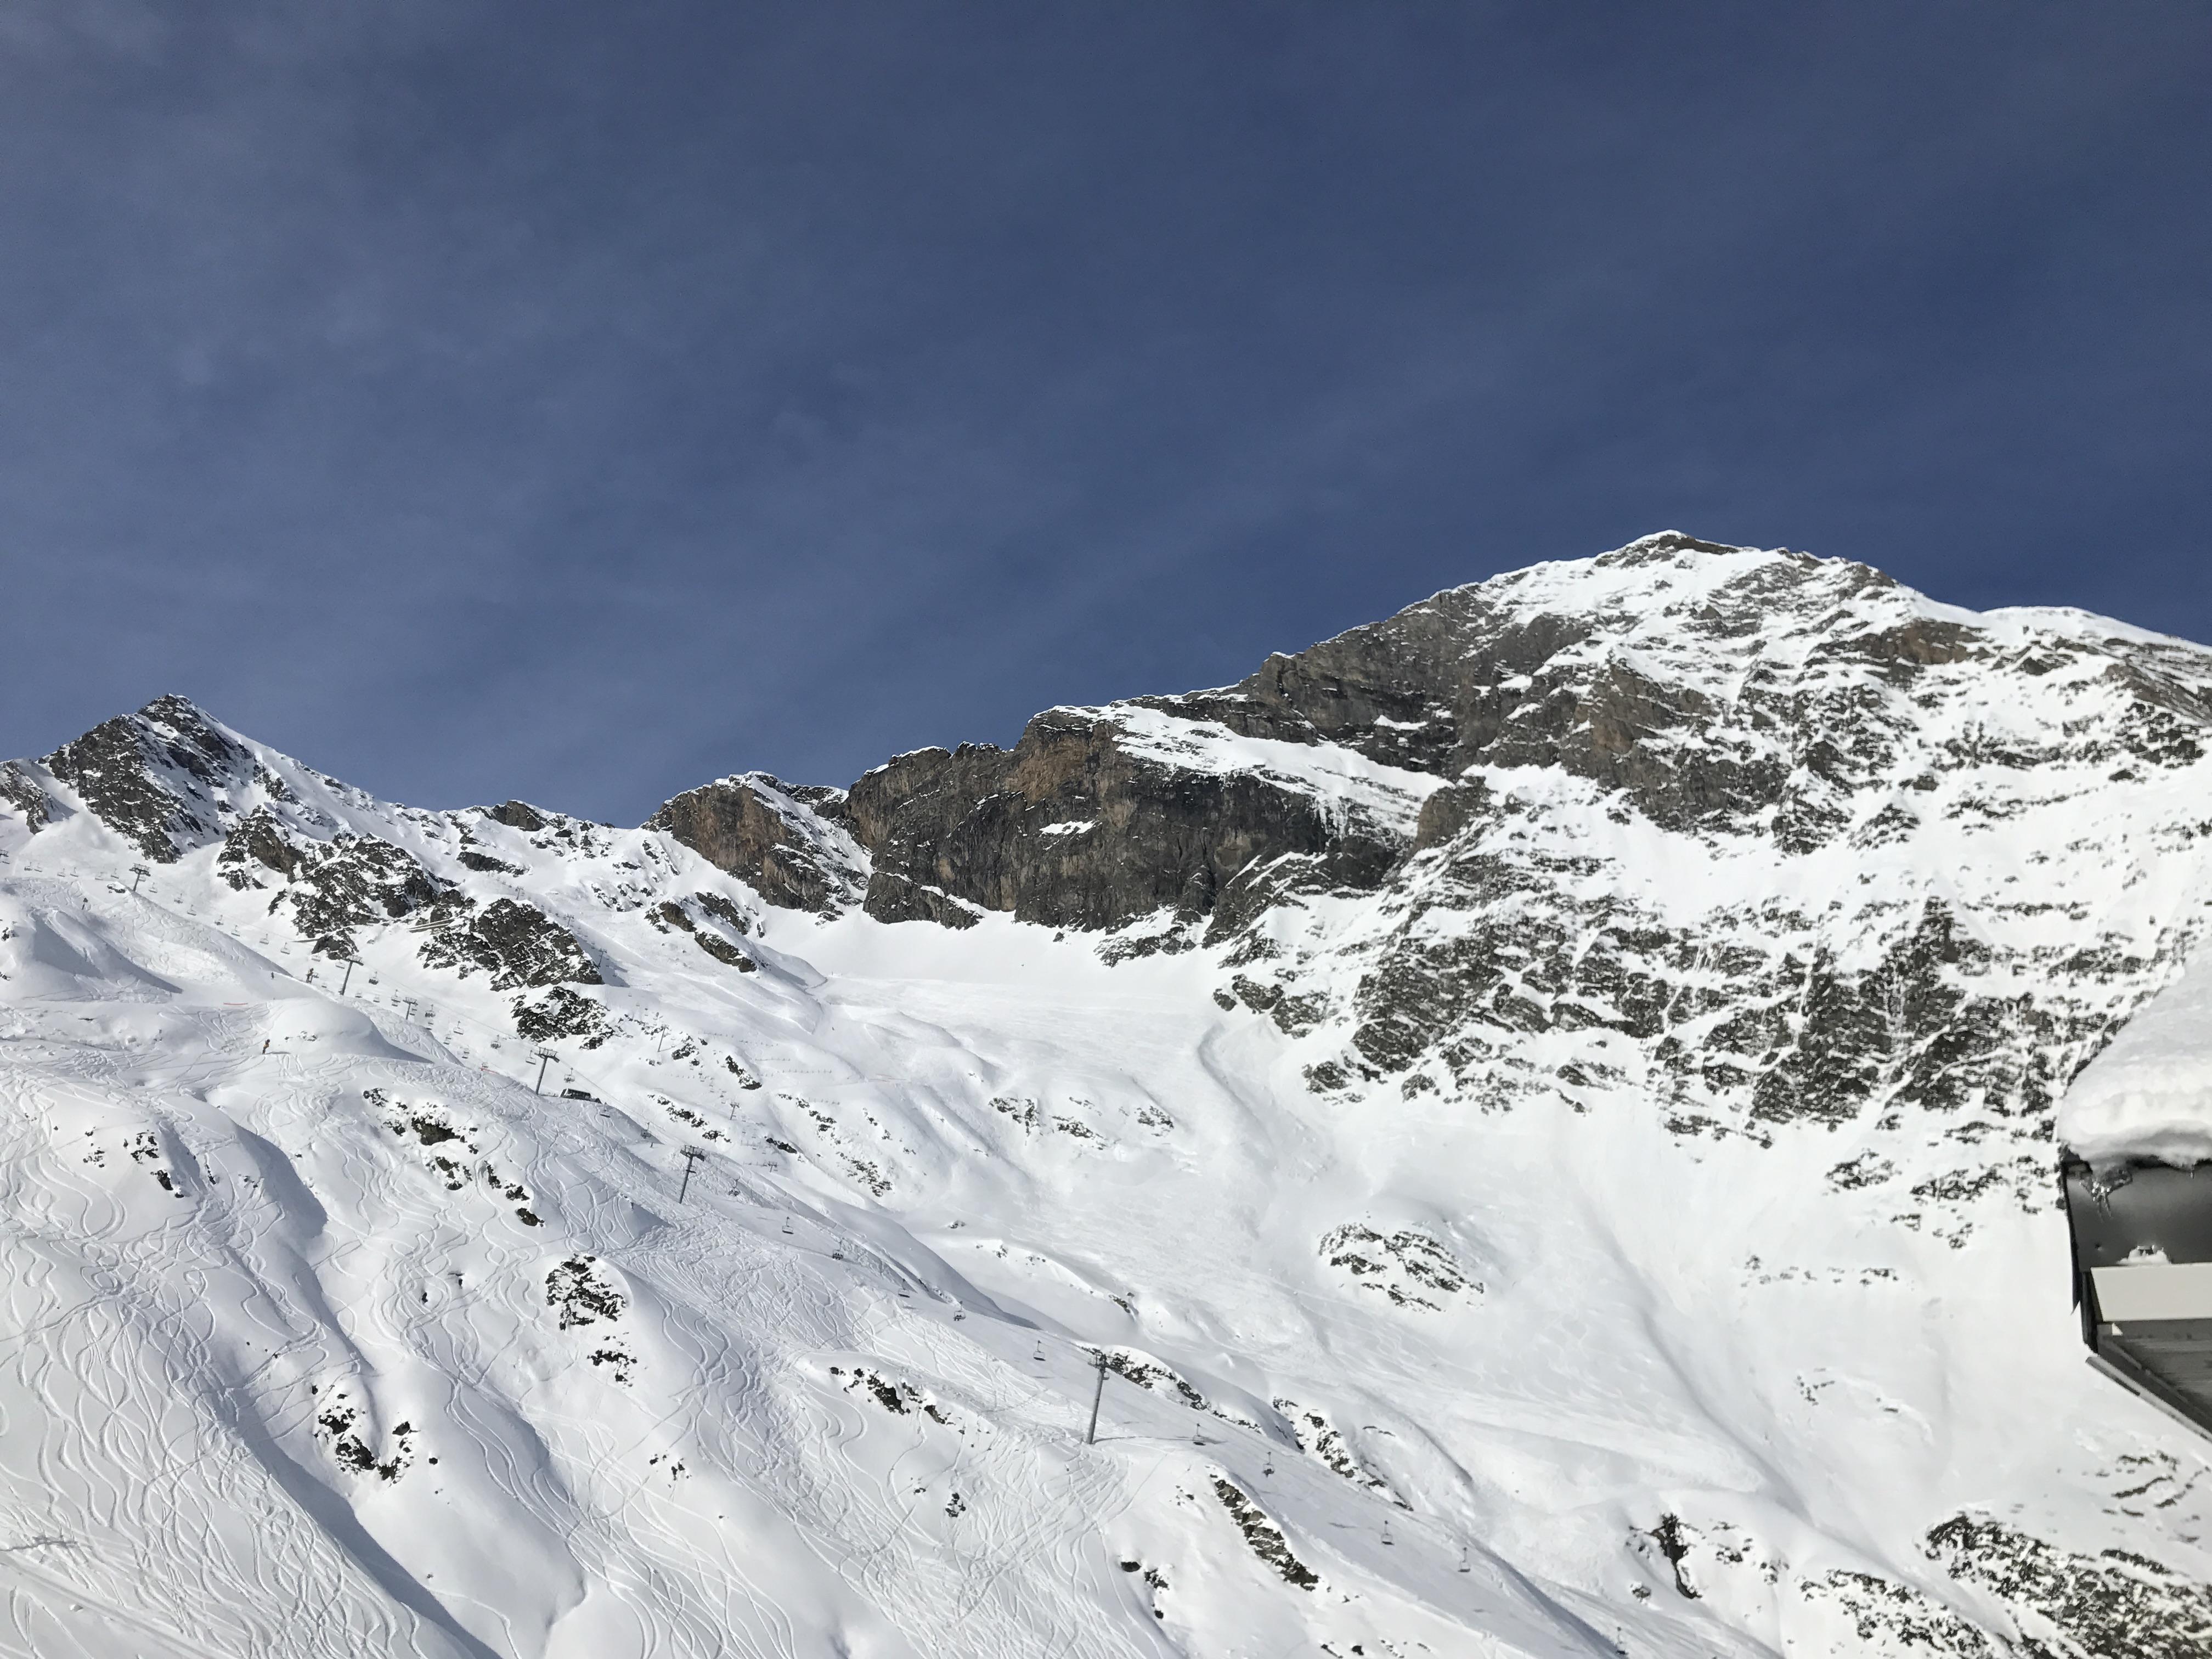 conseils pour skier la premiere fois